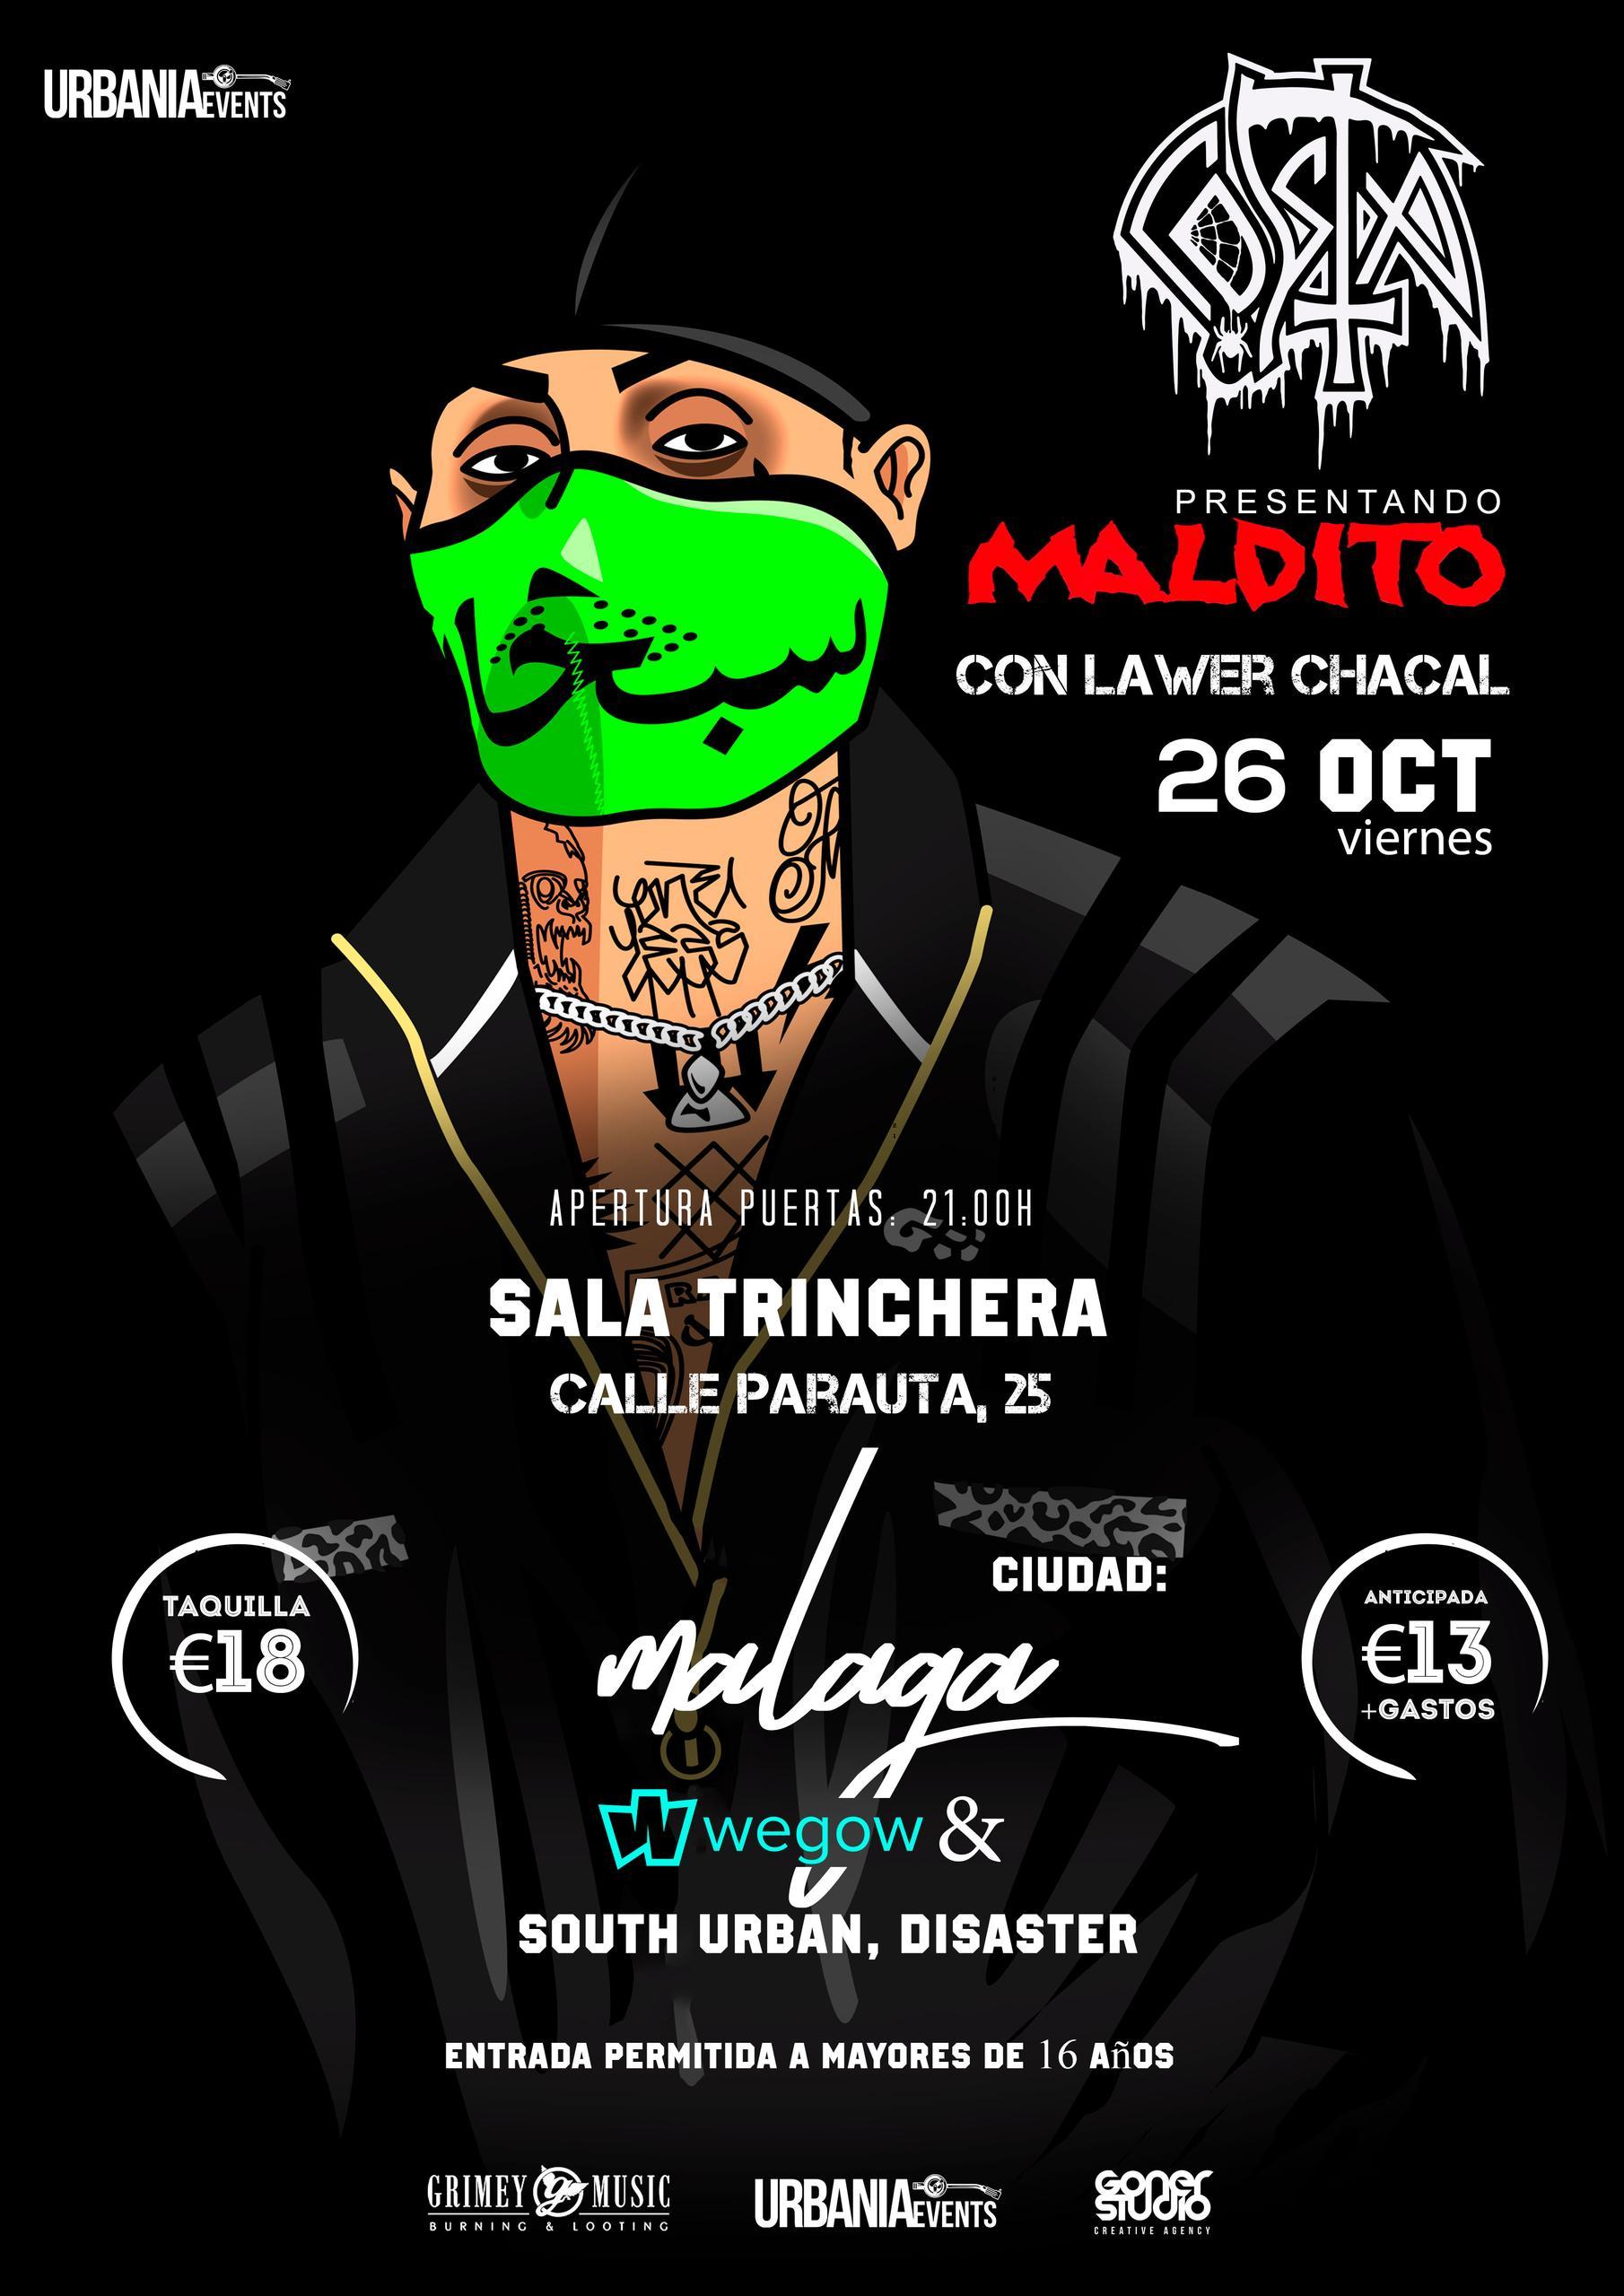 Costa actuará e la Sala Trinchera (Málaga), el Viernes 26 de Octubre a las 21,00 hrs.